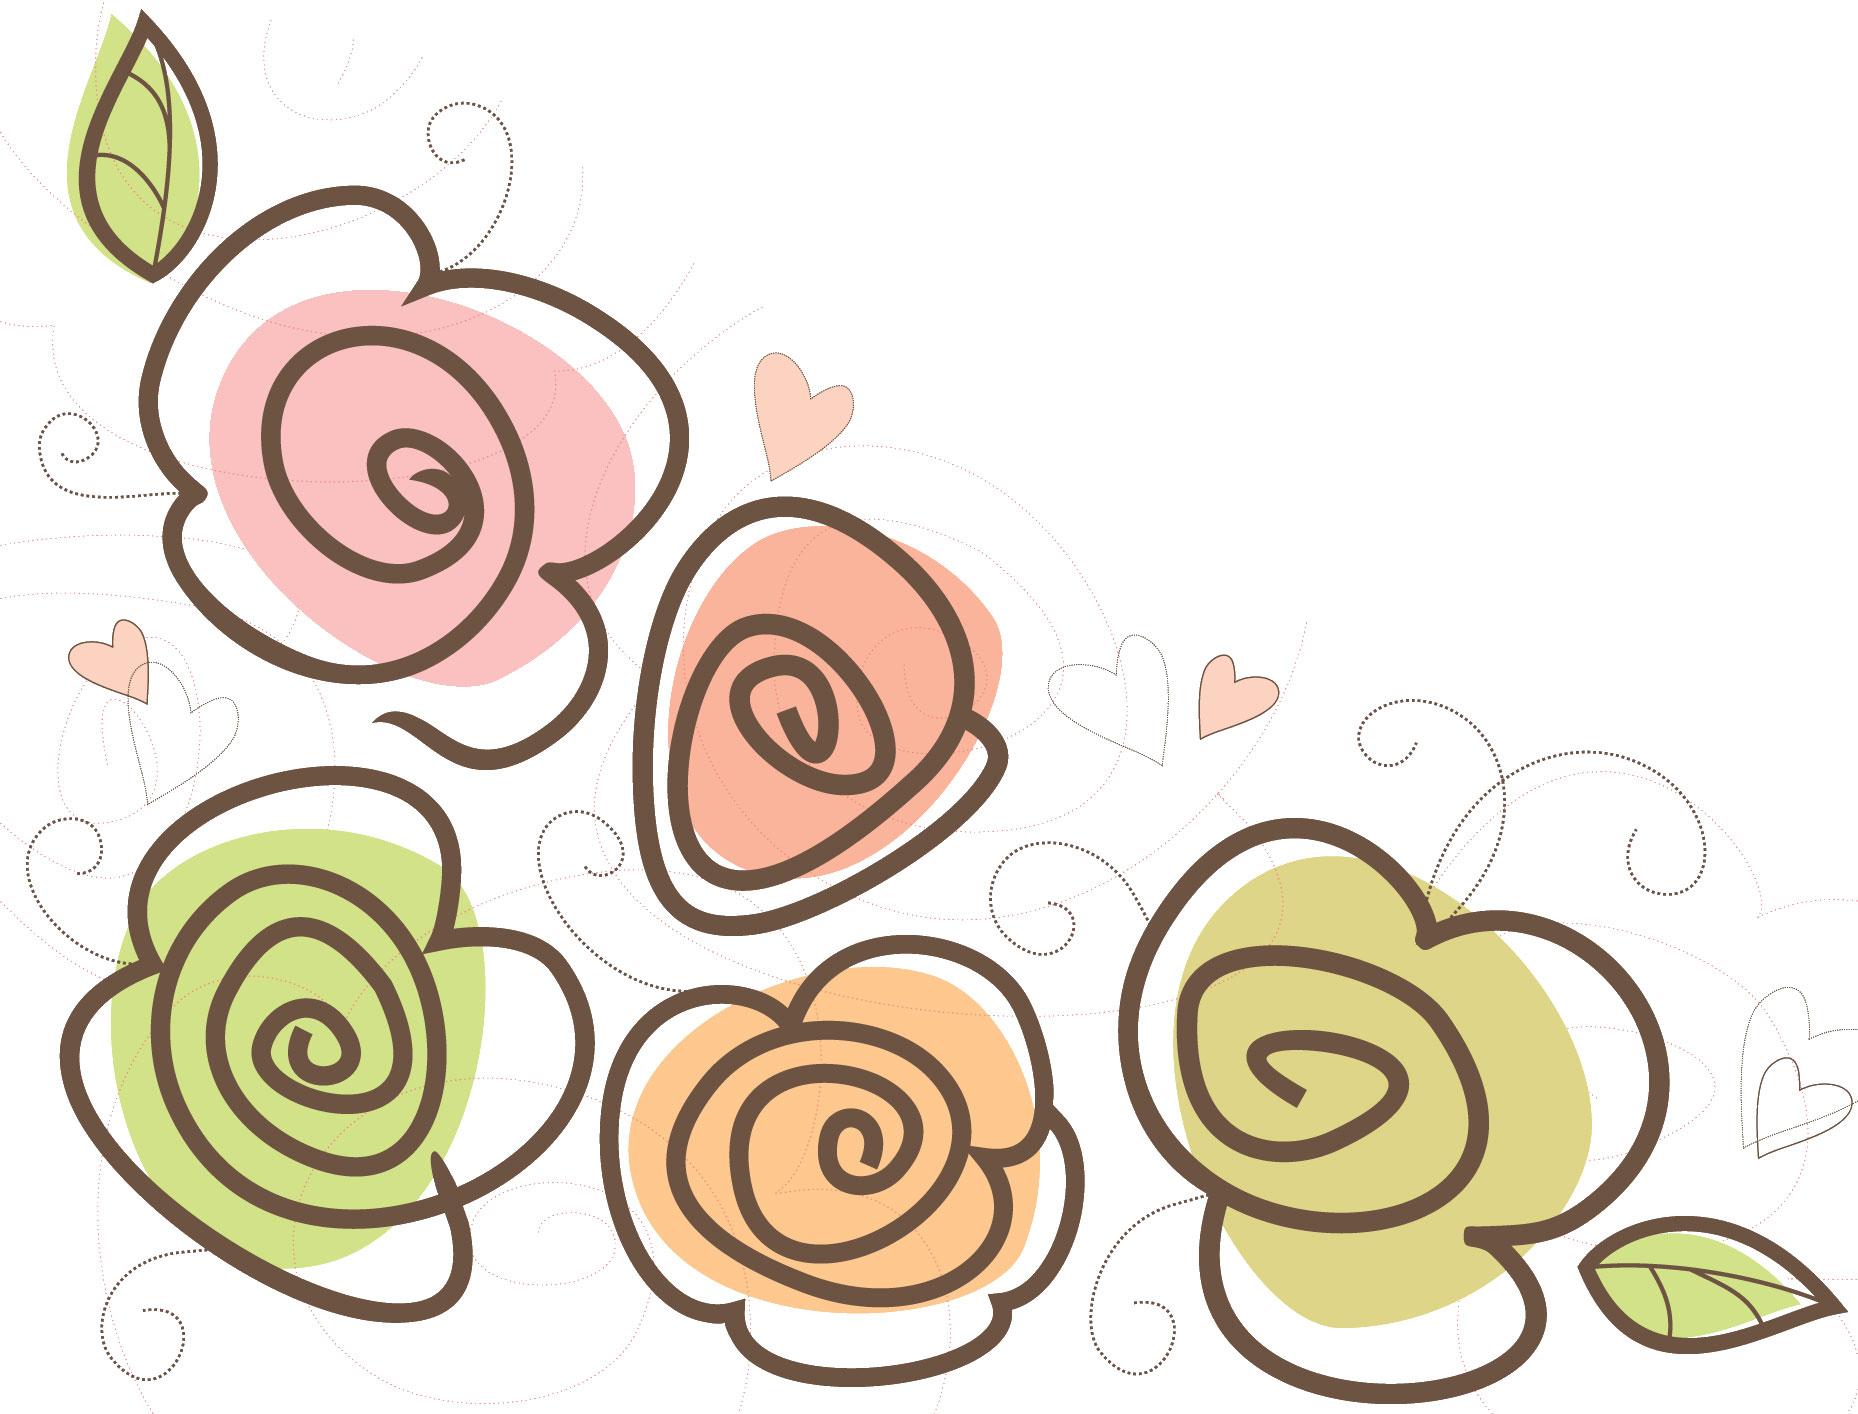 ポップでかわいい花のイラスト・フリー素材/No.025『ハート